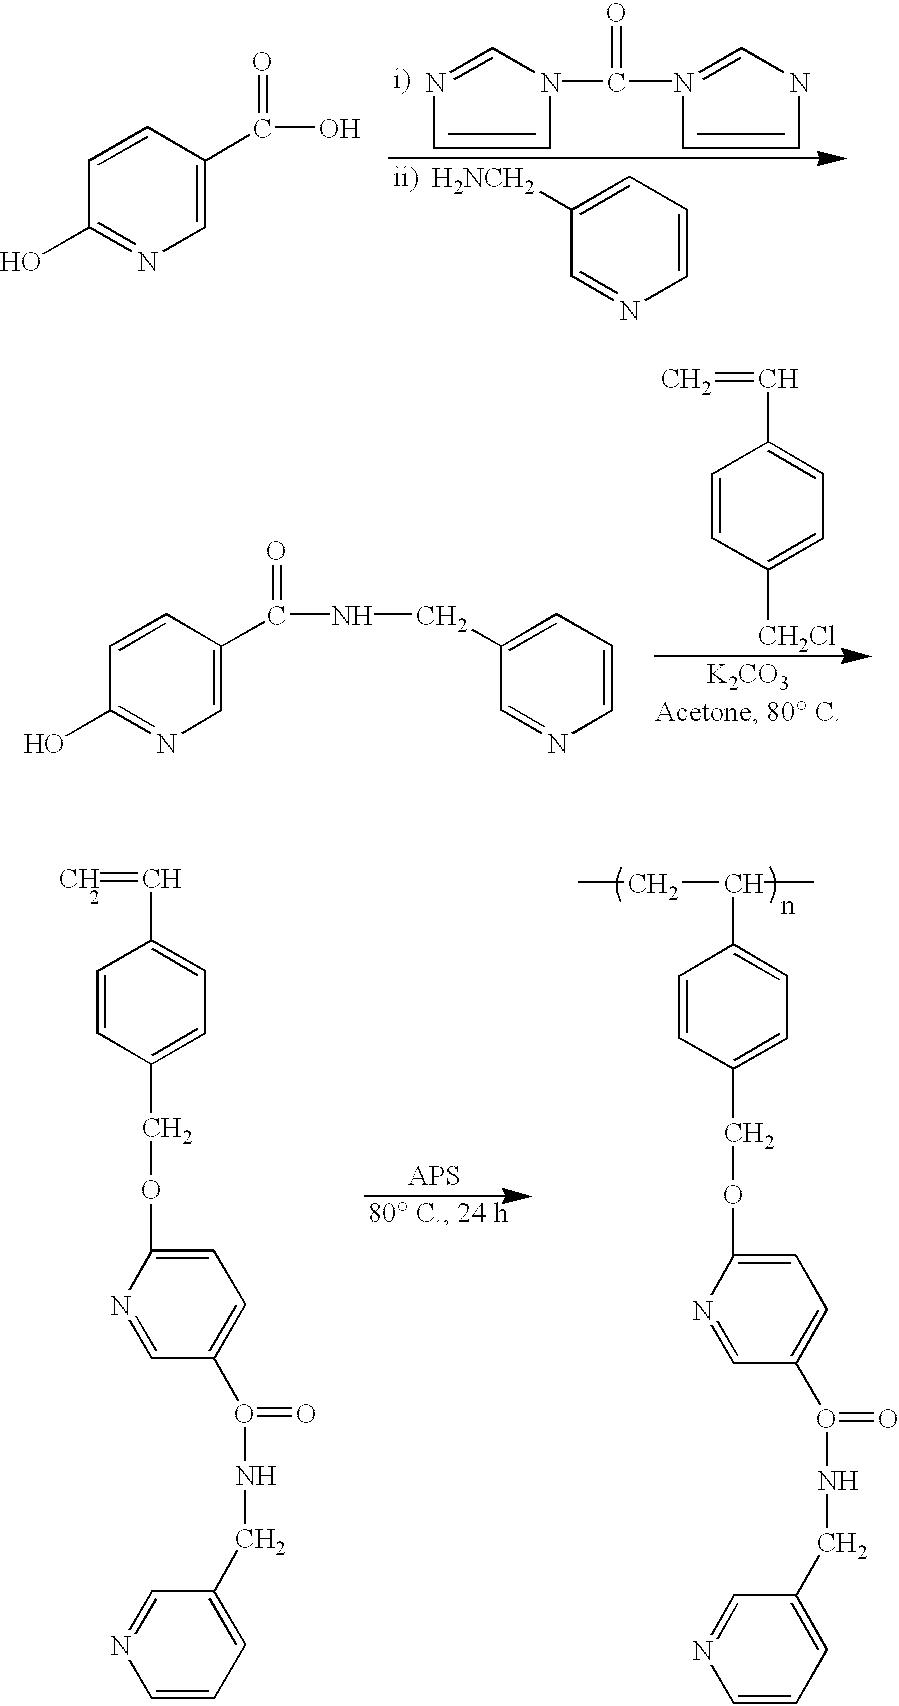 Figure US20030031715A1-20030213-C00049